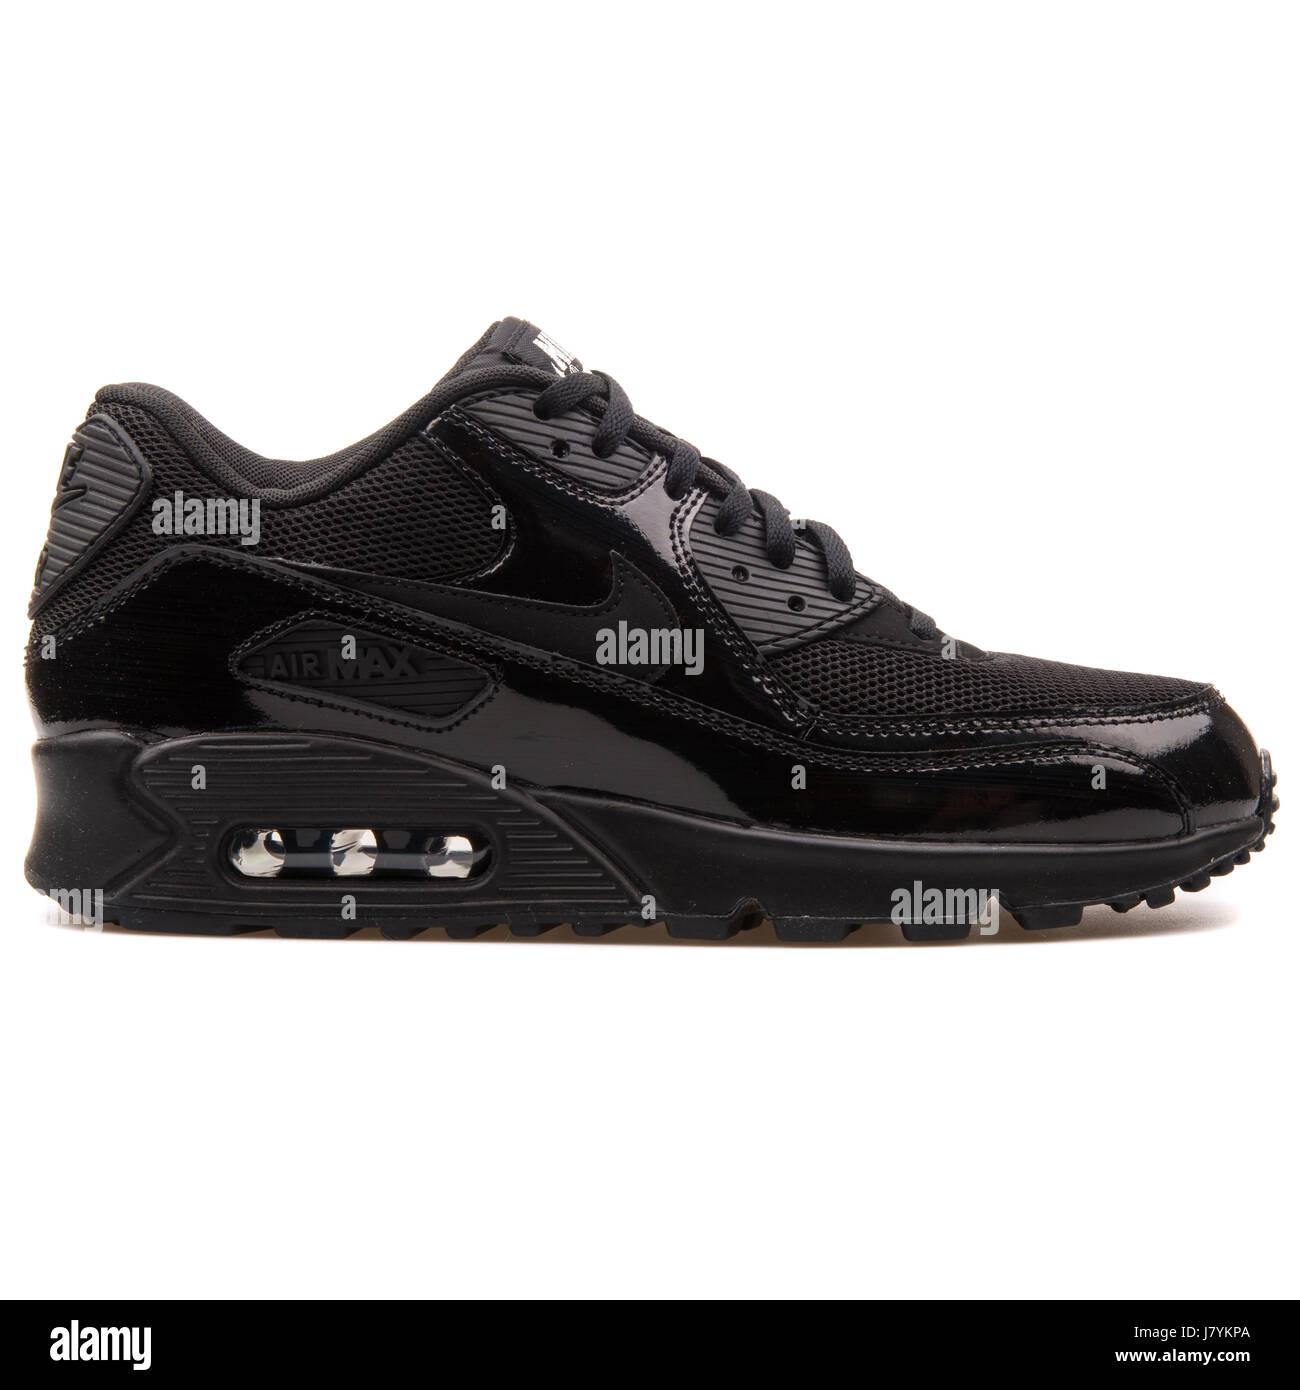 grande vente e5230 c7a4f Wmn Nike Air Max 90 Premium Chaussures femmes Noir Brillant ...